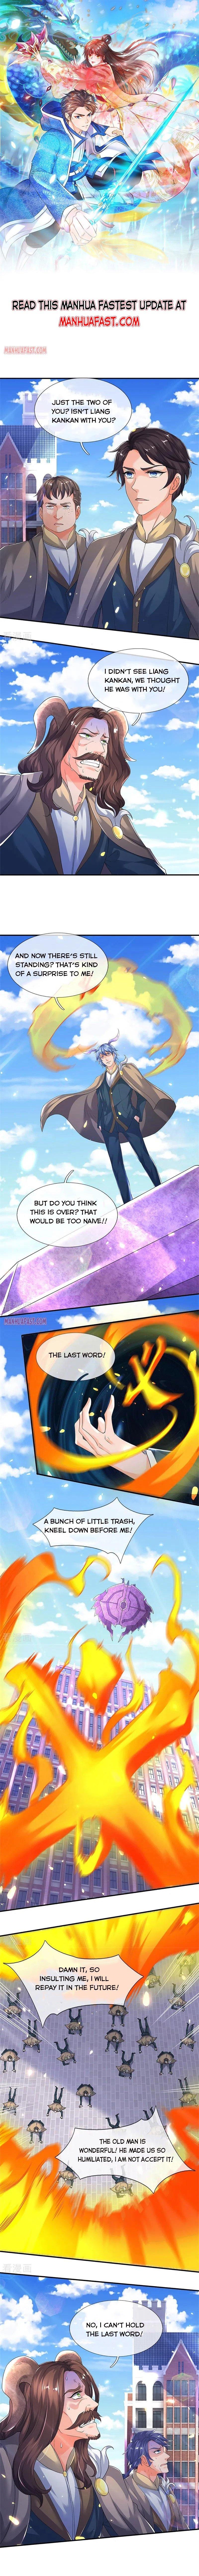 https://manga.mangadogs.com/comics/pic4/39/32615/2895025/ca6ab34959489659f8c3776aaf1f8efd.jpg Page 1